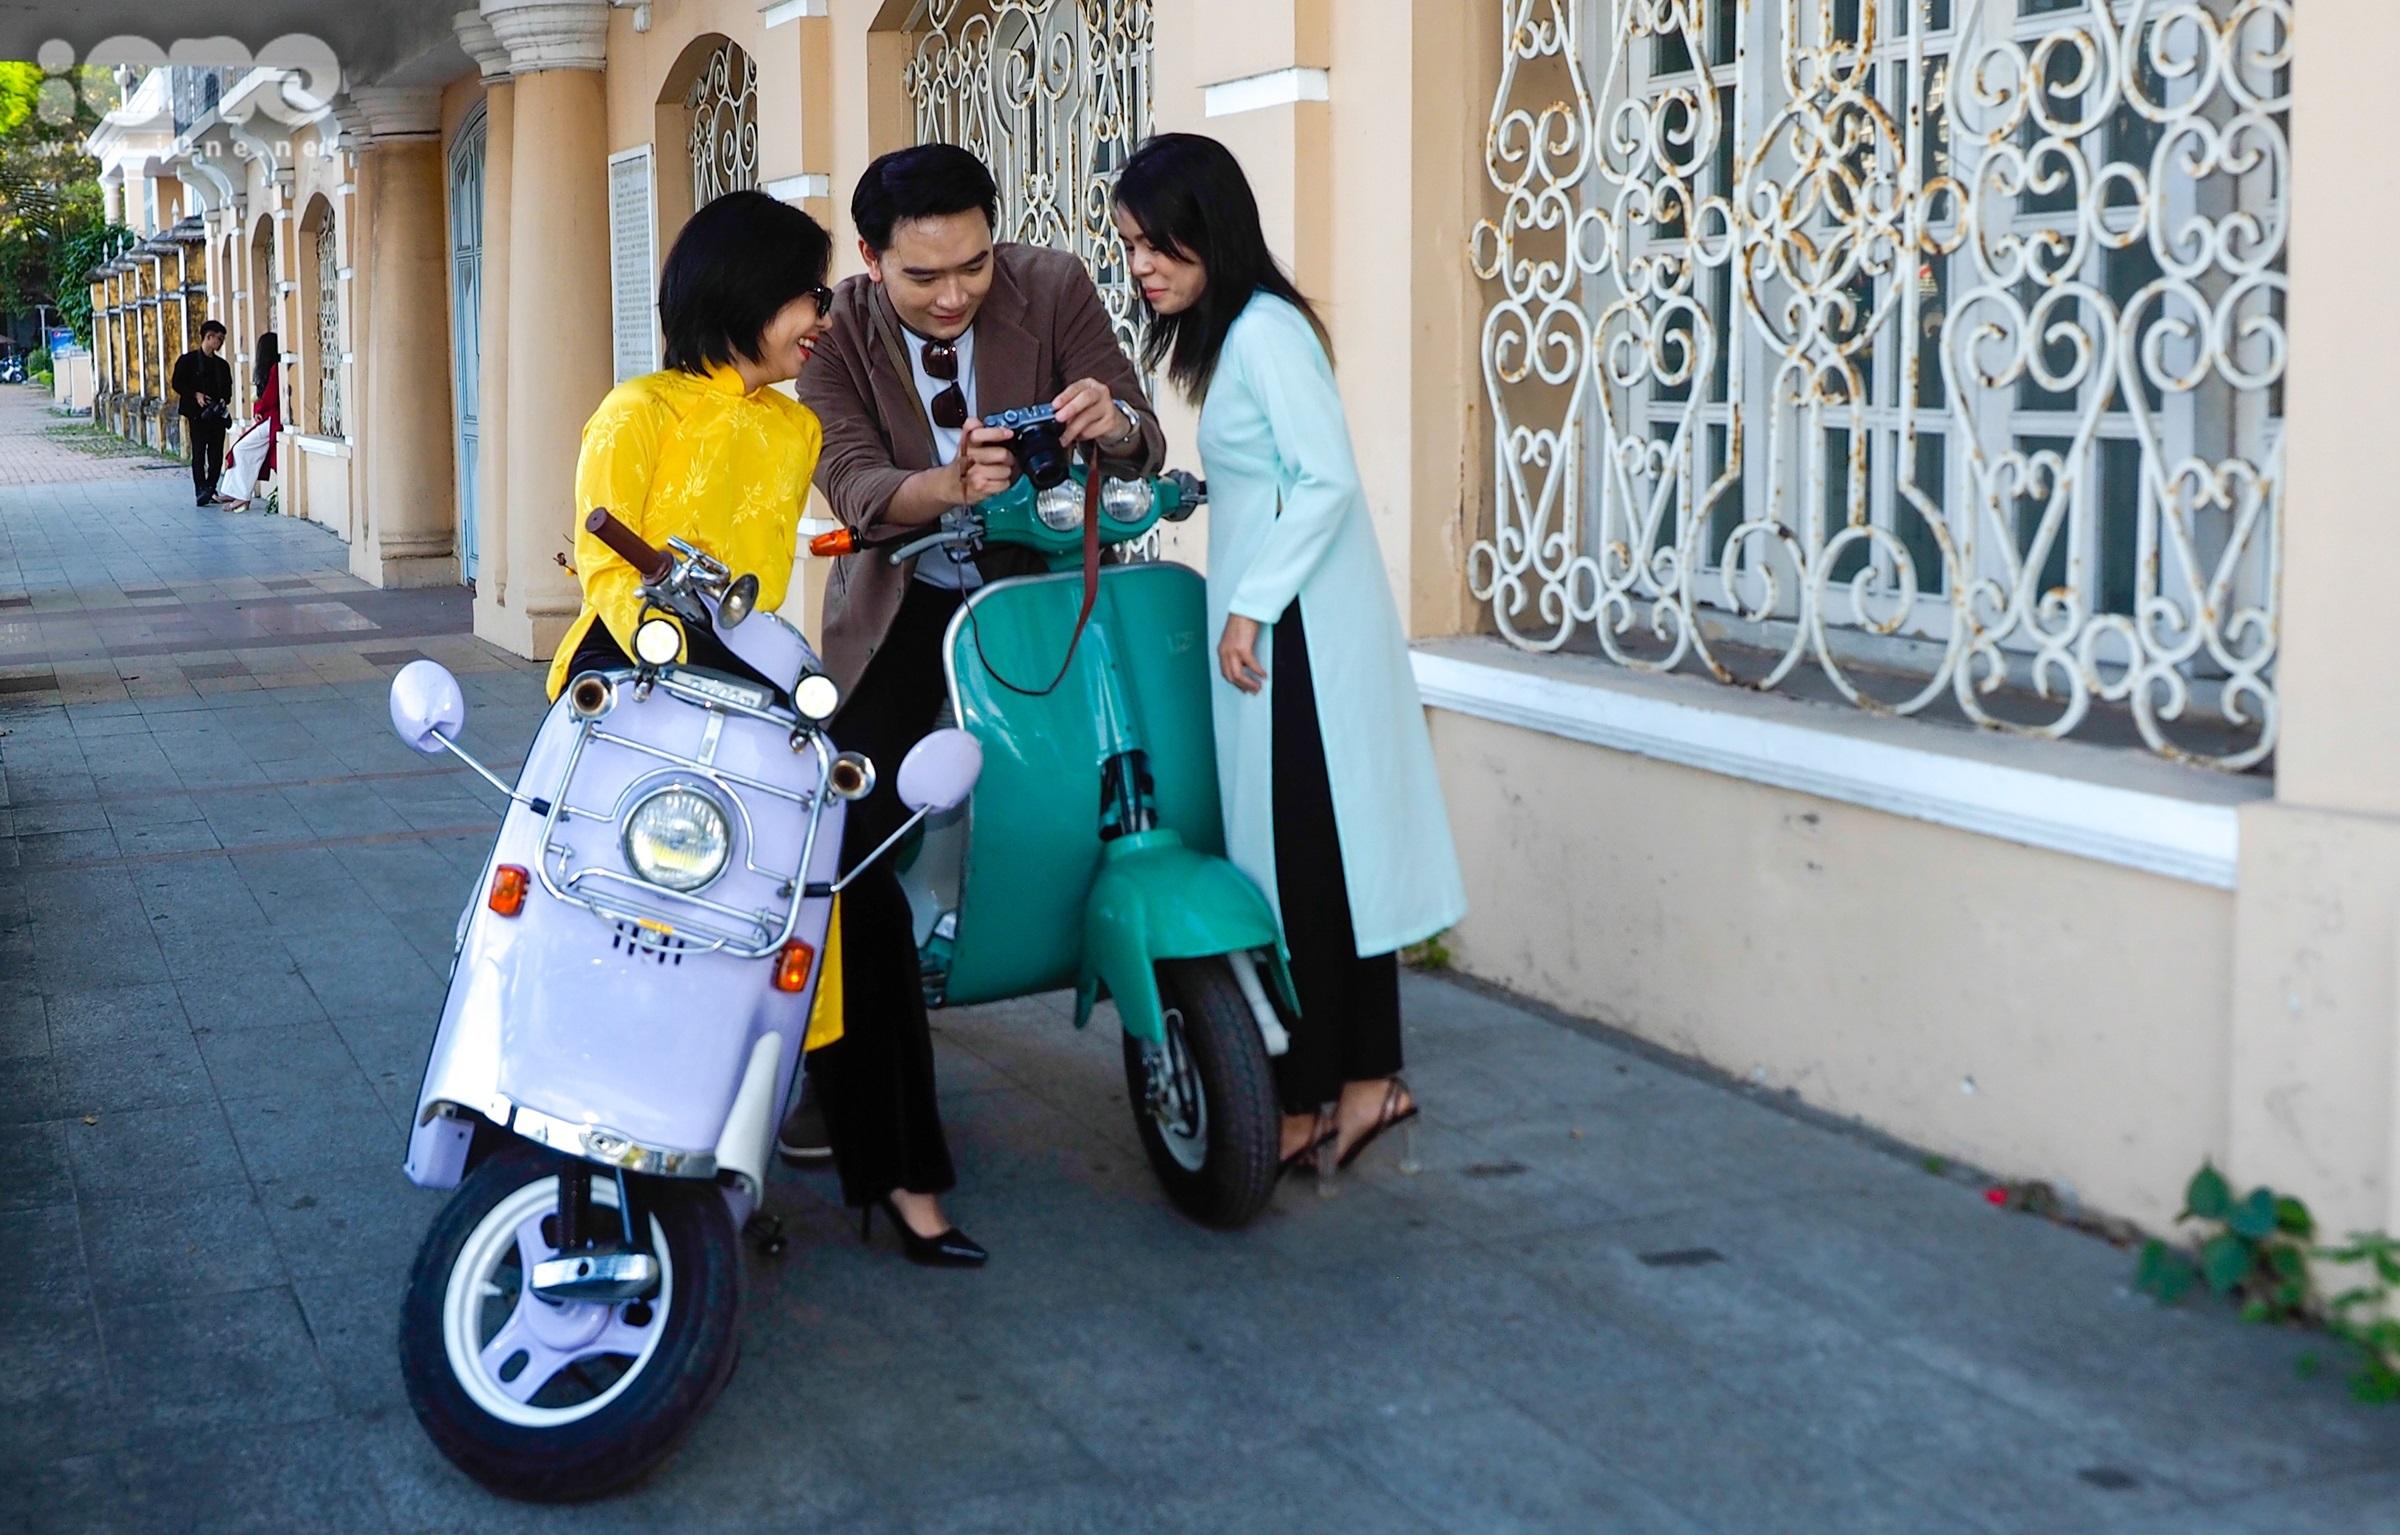 Nhóm bạn của Đỗ Quang Vinh, sinh năm 1997, gây chú ý khi diện áo dài và sử dụng xe máy có thiết cổ điển để chụp ảnh bên Tòa thị chính Đà Nẵng thời Pháp thuộc, nay đã hơn 100 tuổi.